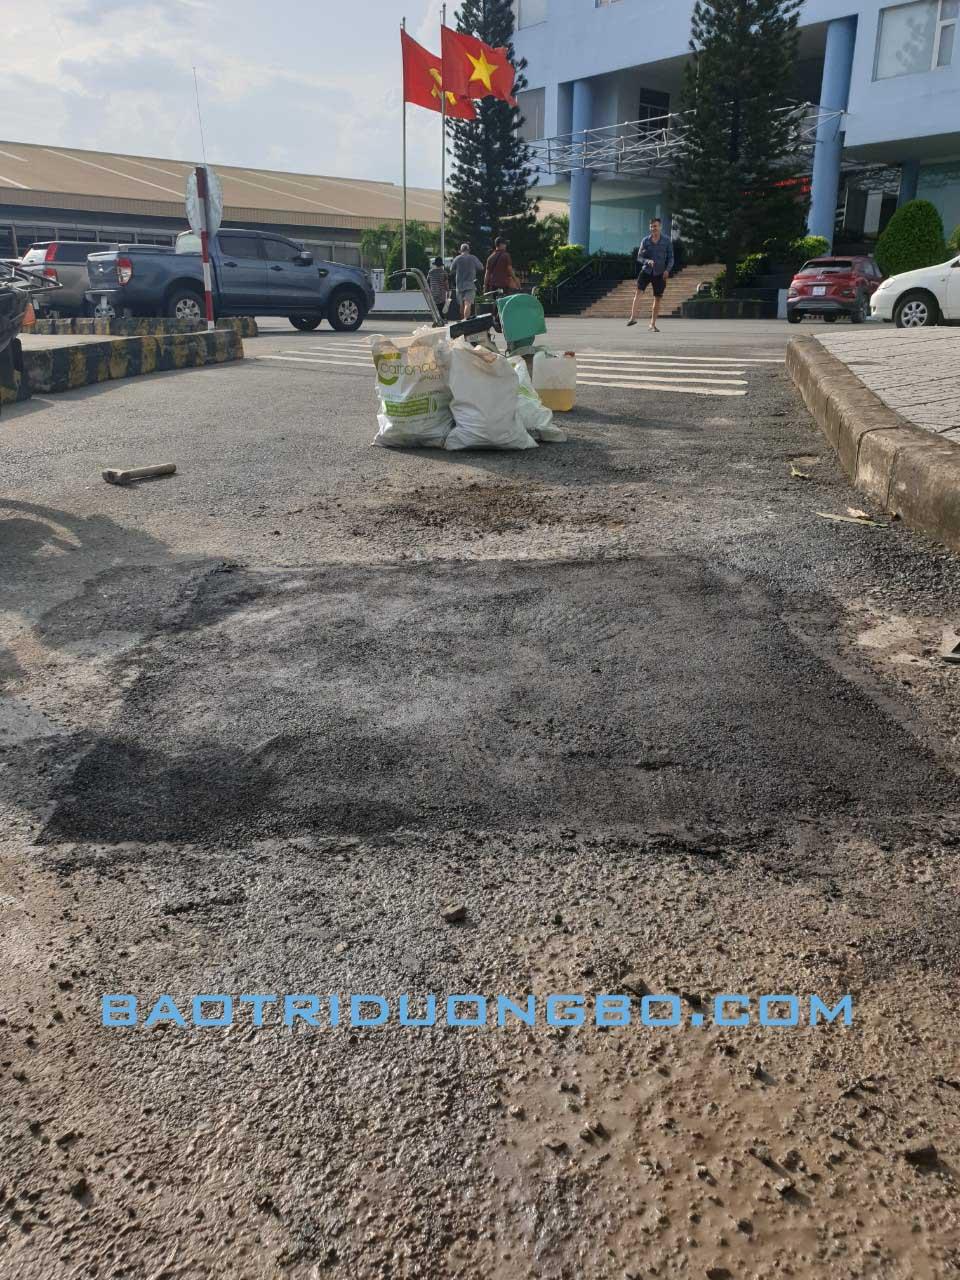 Bê tông nhựa nguội tại Sân bay Tân Sơn Nhất, TP. Hồ Chí Minh